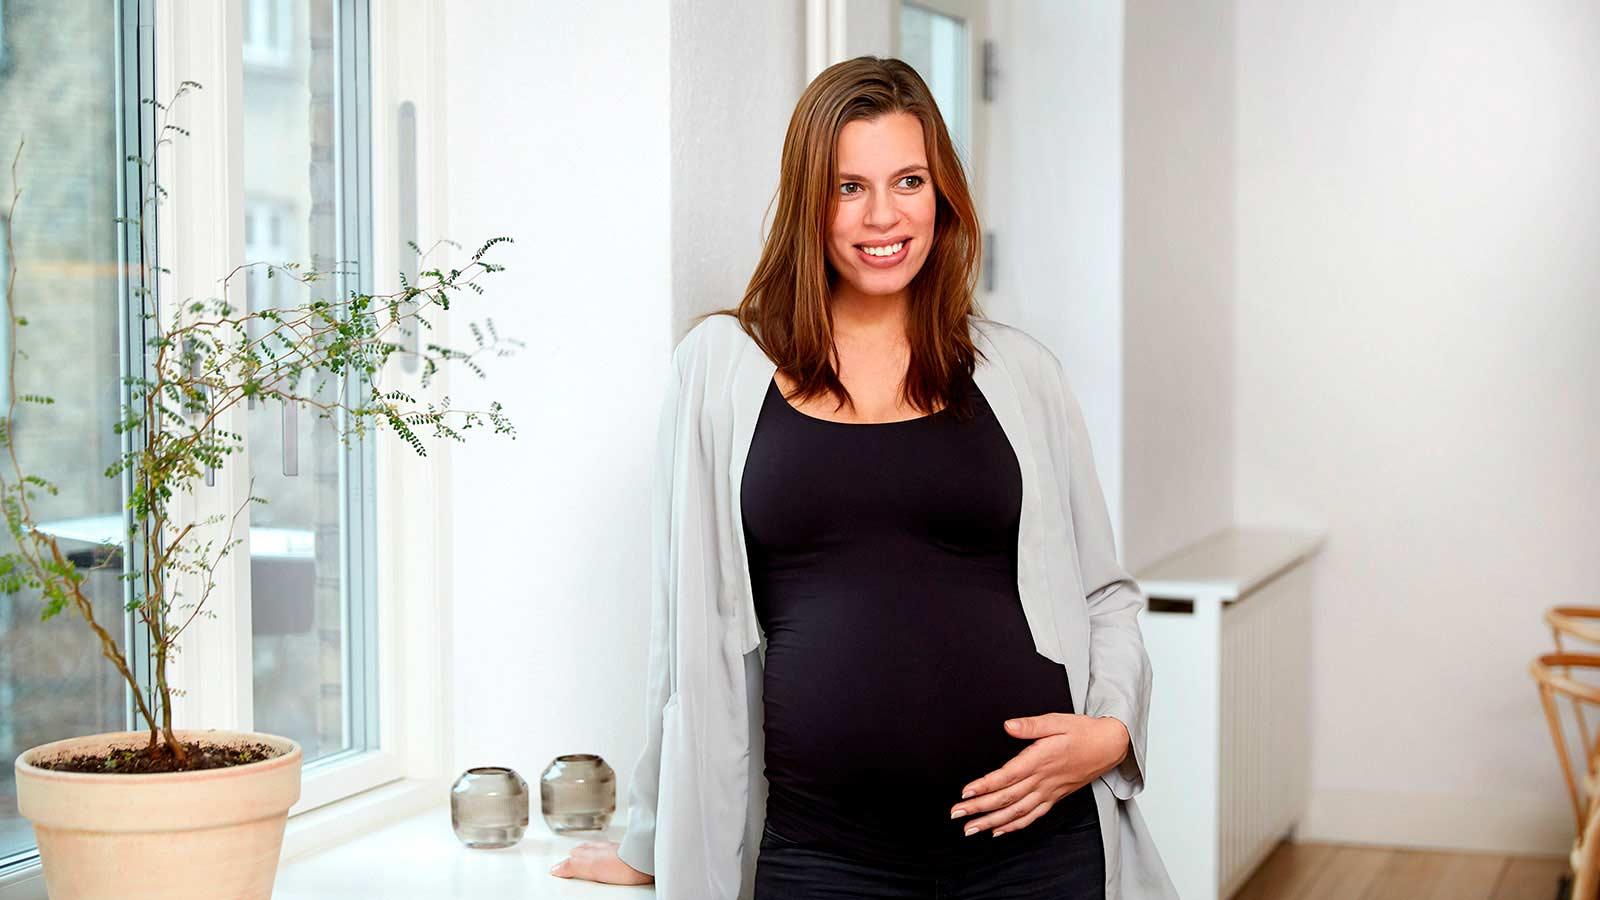 Femme enceinte qui a utilisé le sperme de donneur pour réaliser son rêve d'avoir un bébé